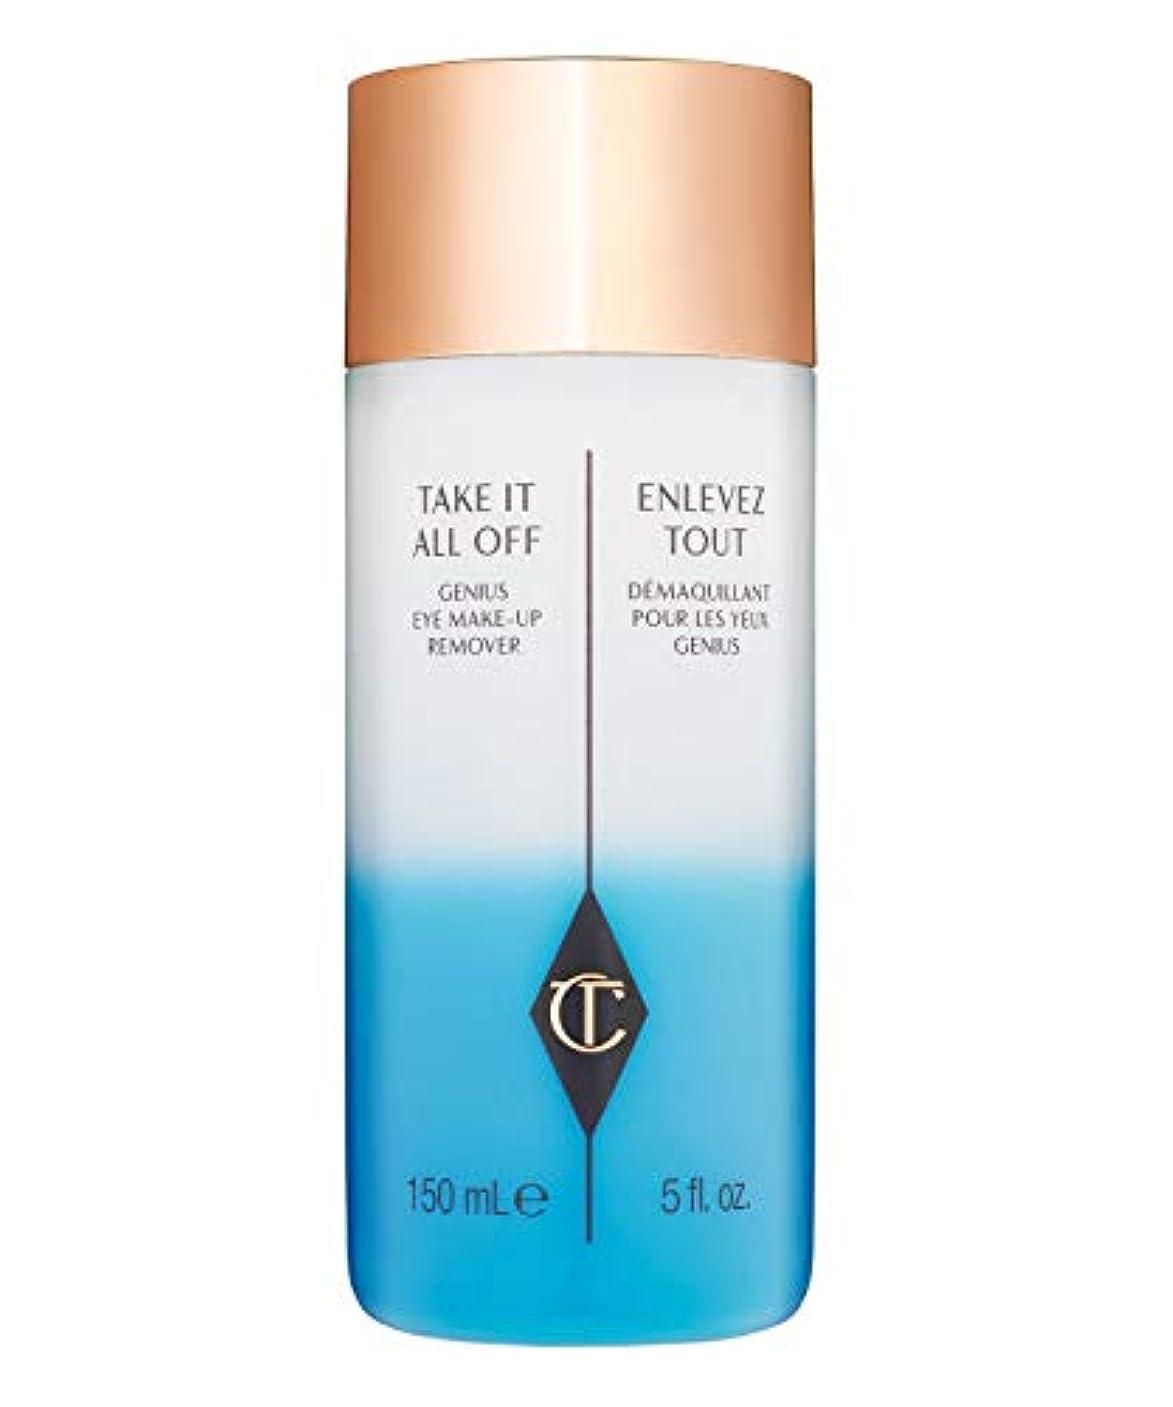 接地眠る定期的にCharlotte Tilbury Take It All Off Genius Eye Make-up Remover 150ml シャーロットティルバリー